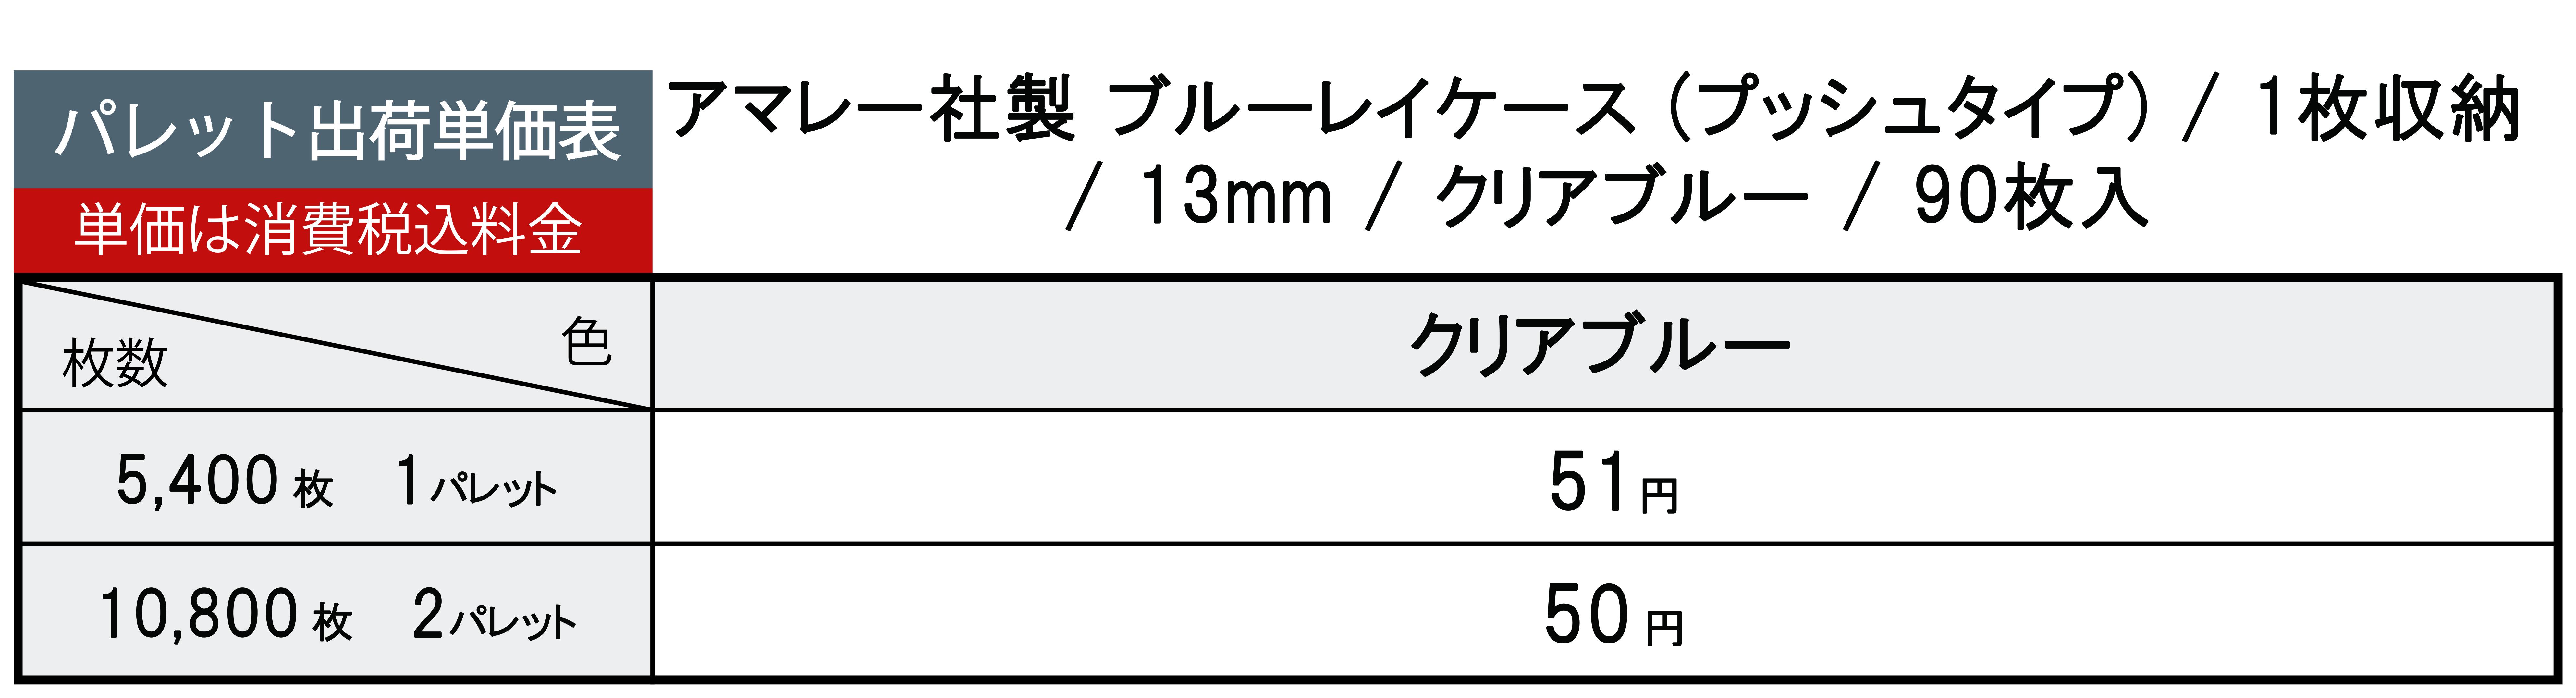 ブルーレイケース大量注文単価表